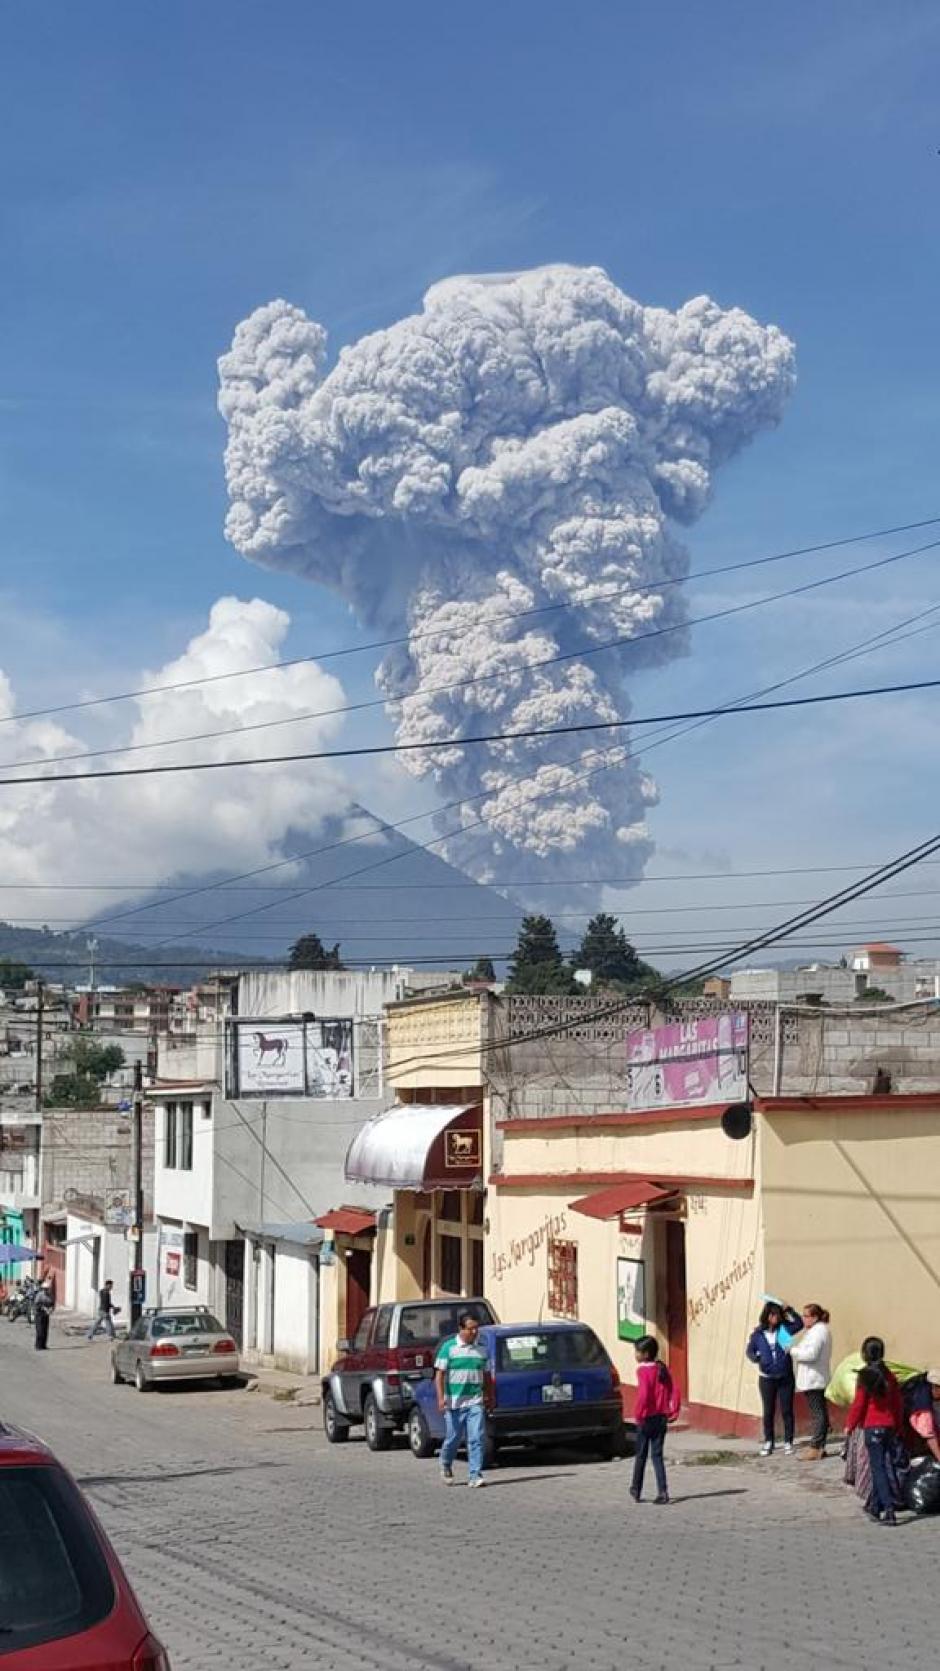 Pobladores de quetzaltenango admiraron el espectáculo. (Foto: Twitter